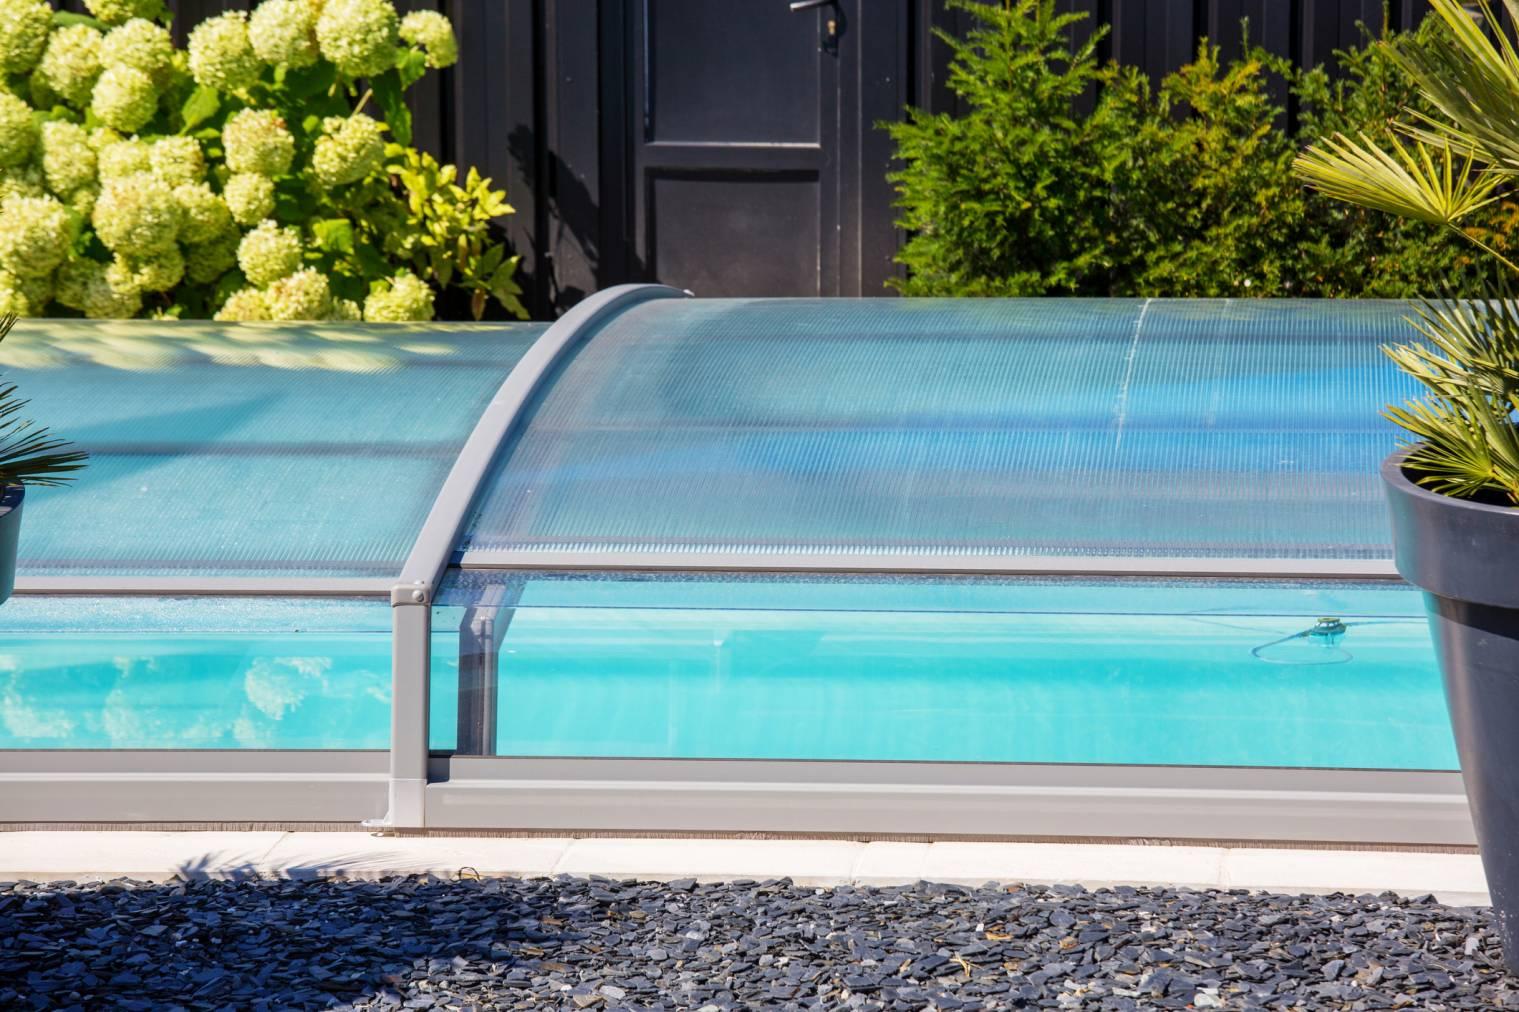 Comment remplir sa piscine la mise en eau d 39 une piscine - Realiser sa piscine ...